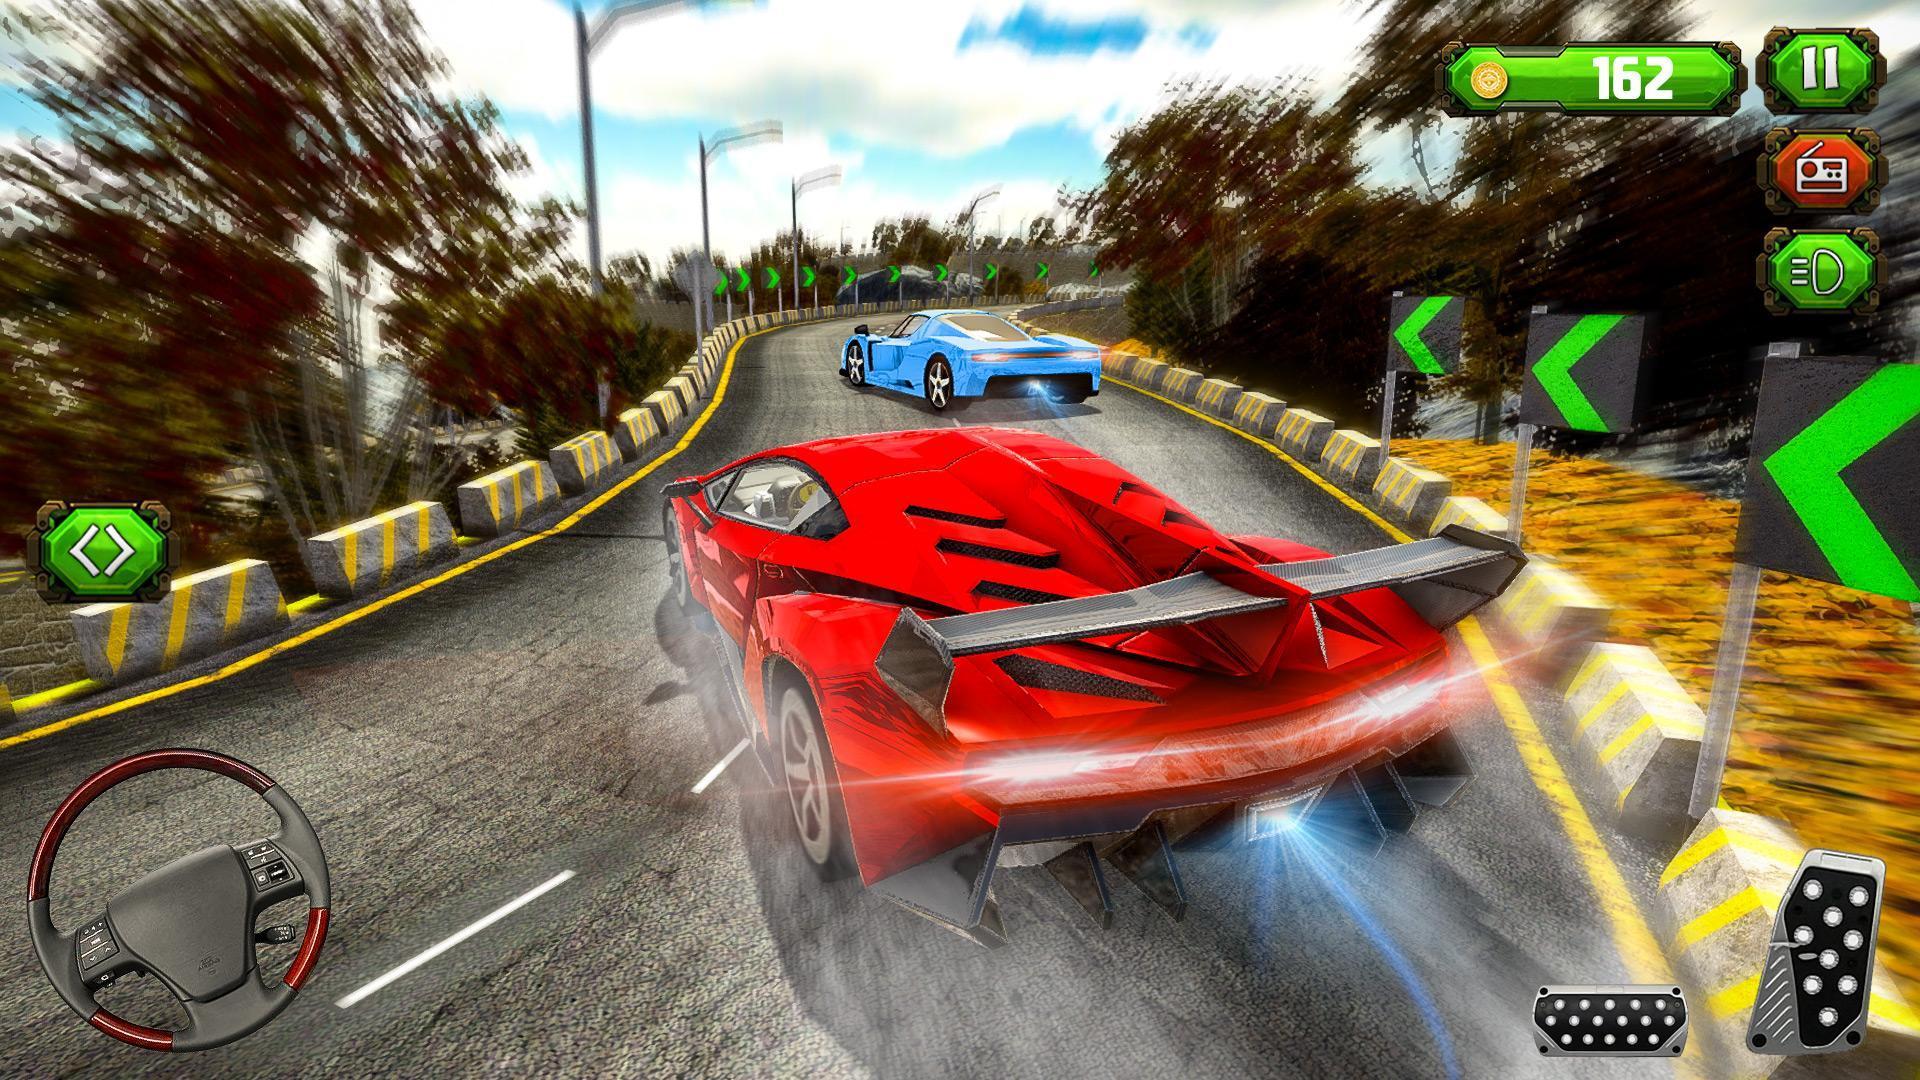 Jeux De Voiture 2020: Jeu De Course Automobile Pour Android avec Les Jeux De Voiture De Course